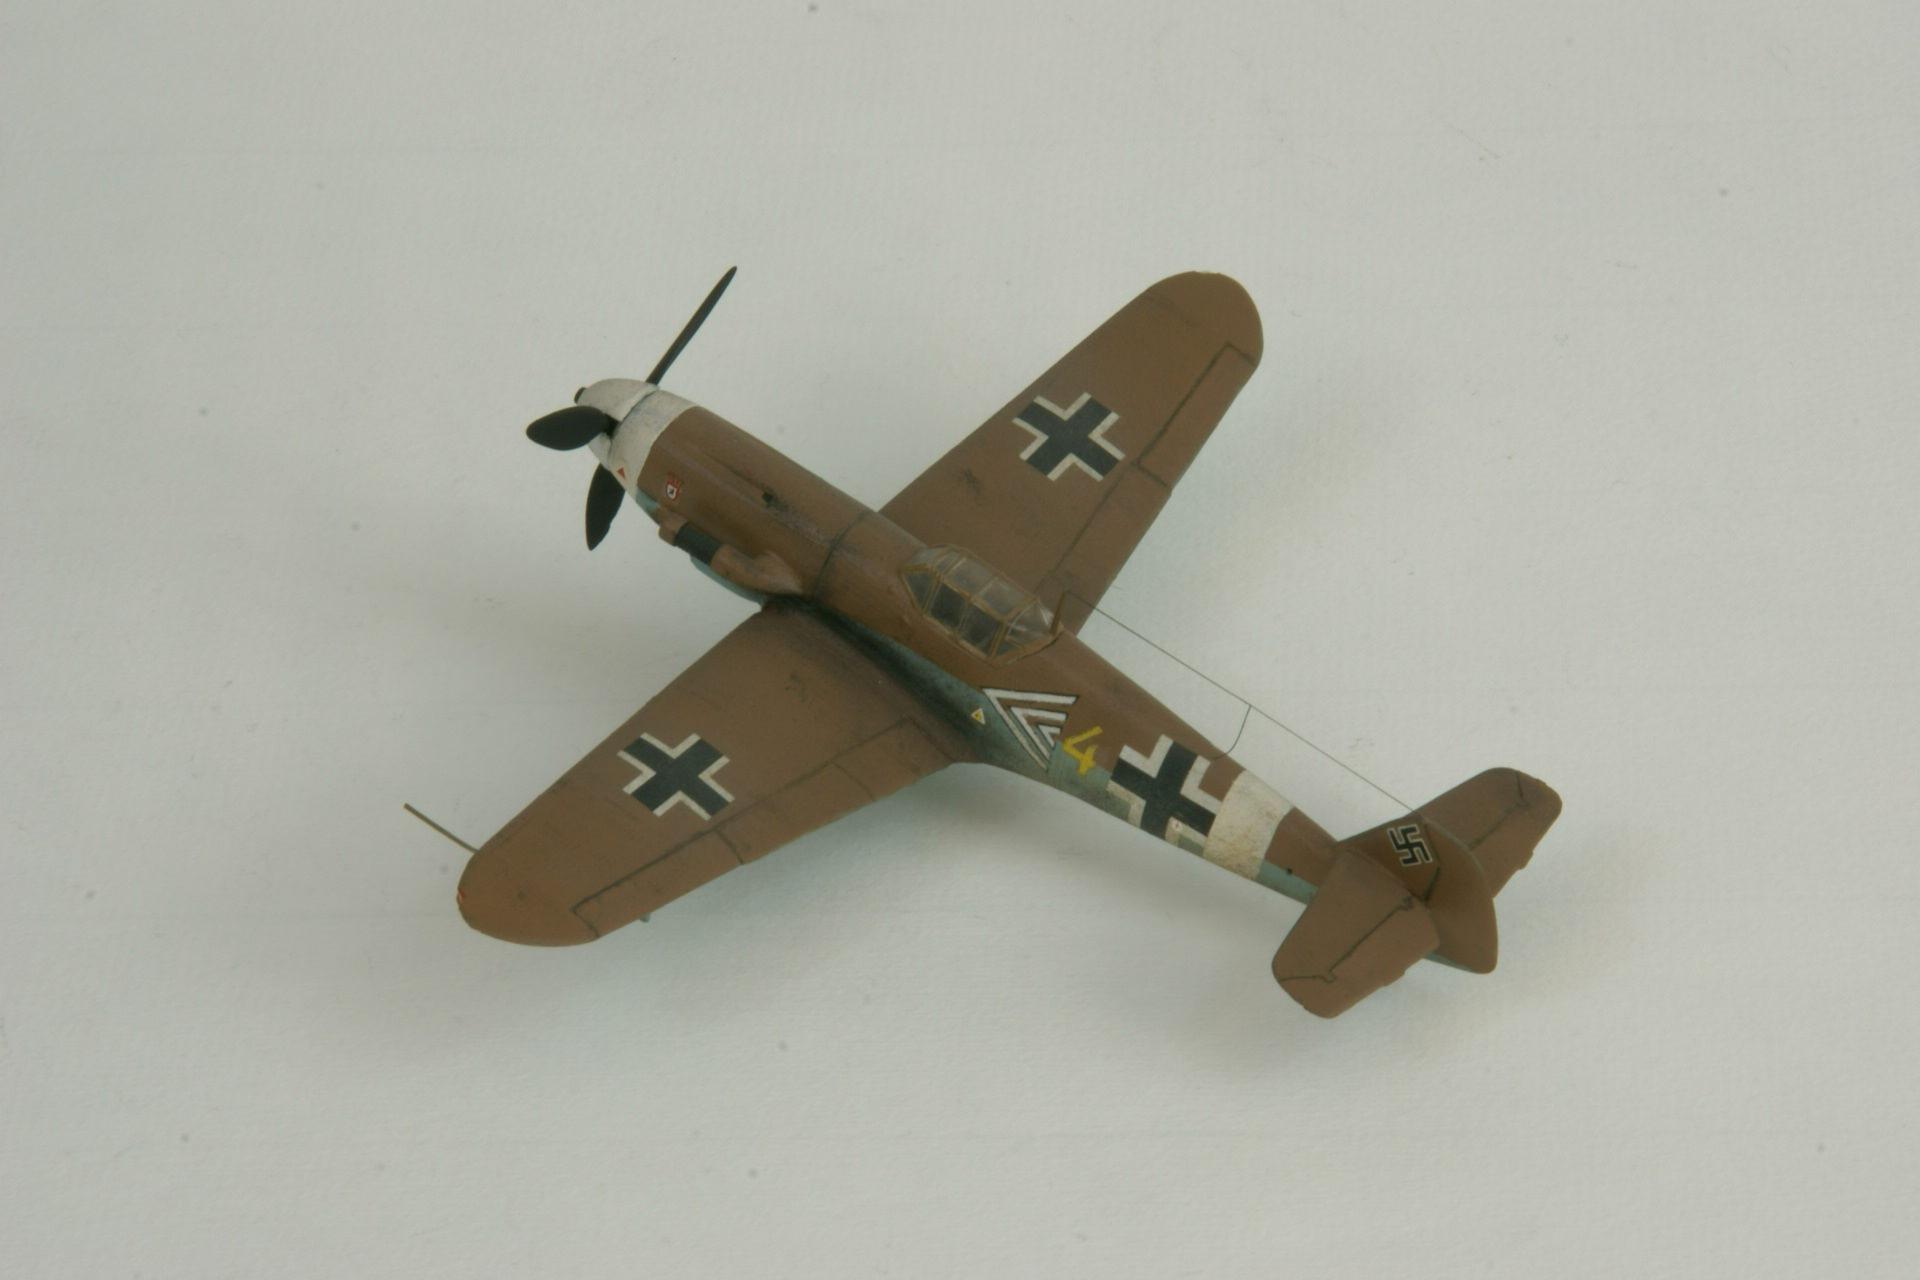 Messerschmitt 109g 4 trop 4